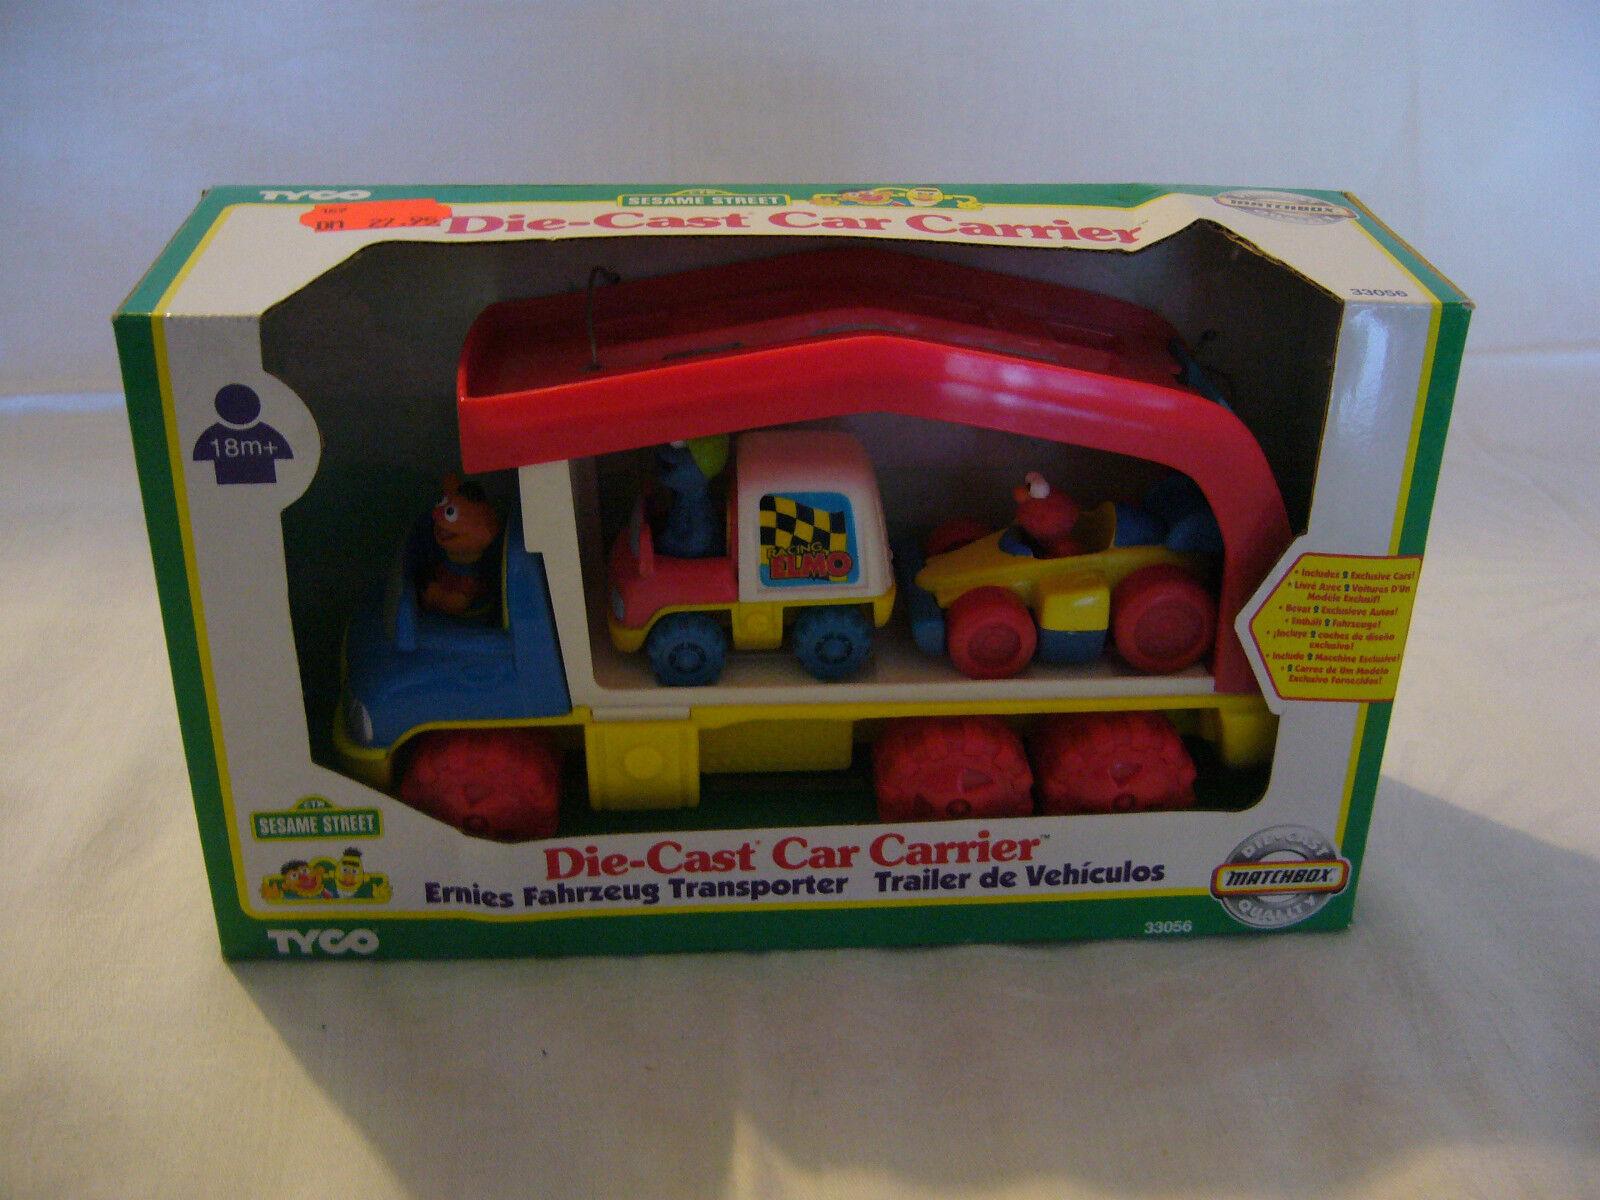 MATCHBOX-les-Cast Car Carrier-Sesame Street -1997 Tyco-soumis véhicule transport